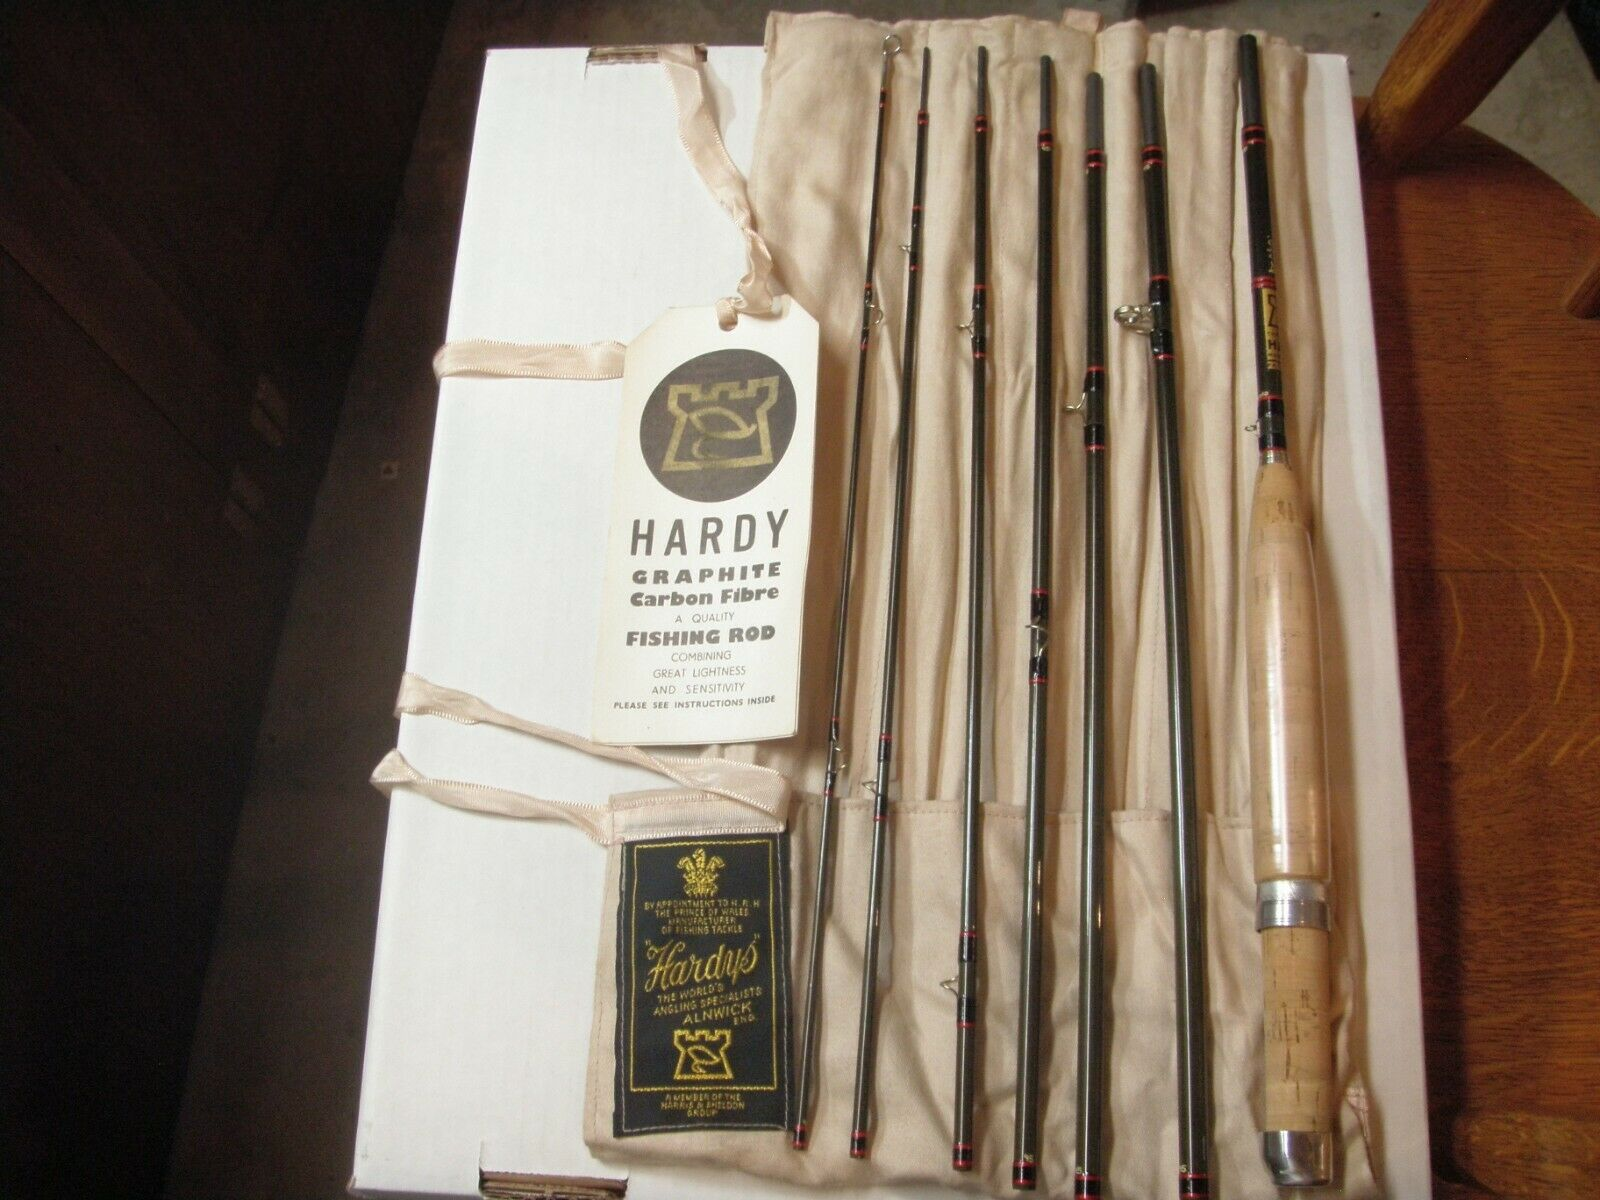 Hardys Vintage DeLux Smokkel 7 Pcs Fly Rod